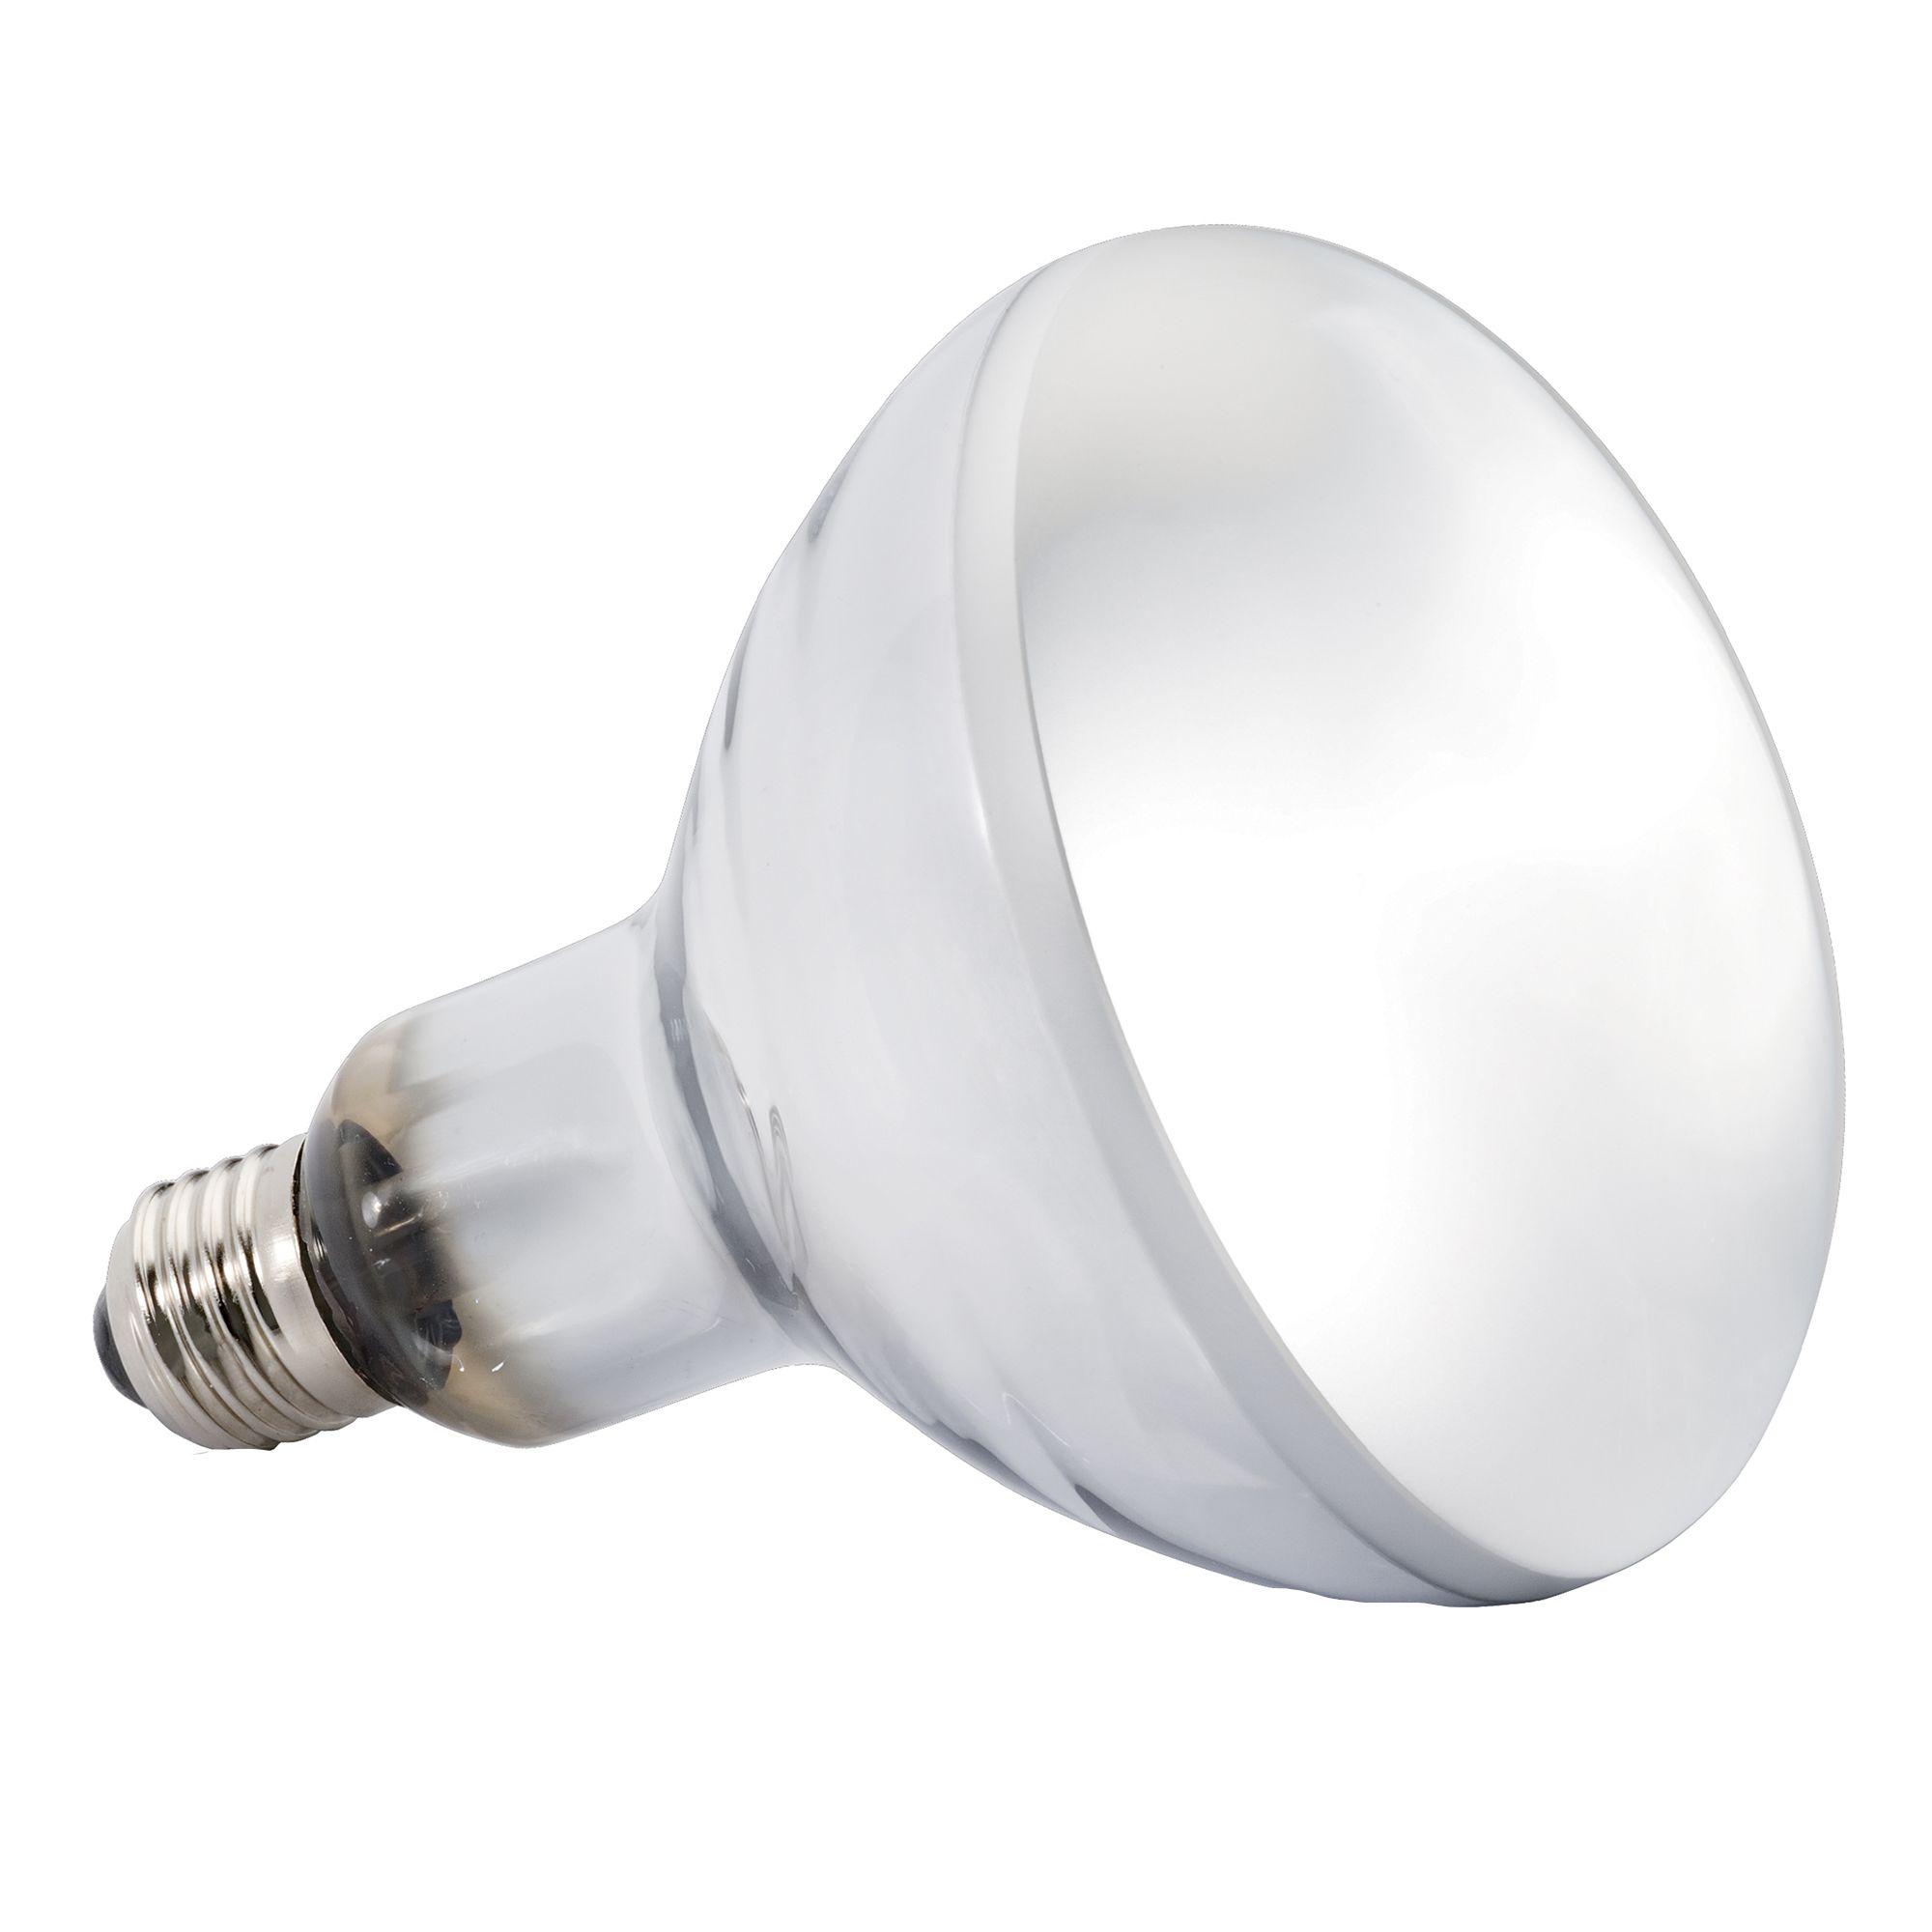 Exo Terra® Solar Glo Sun Simulating Bulb | reptile Bulbs & Lamps | PetSmart